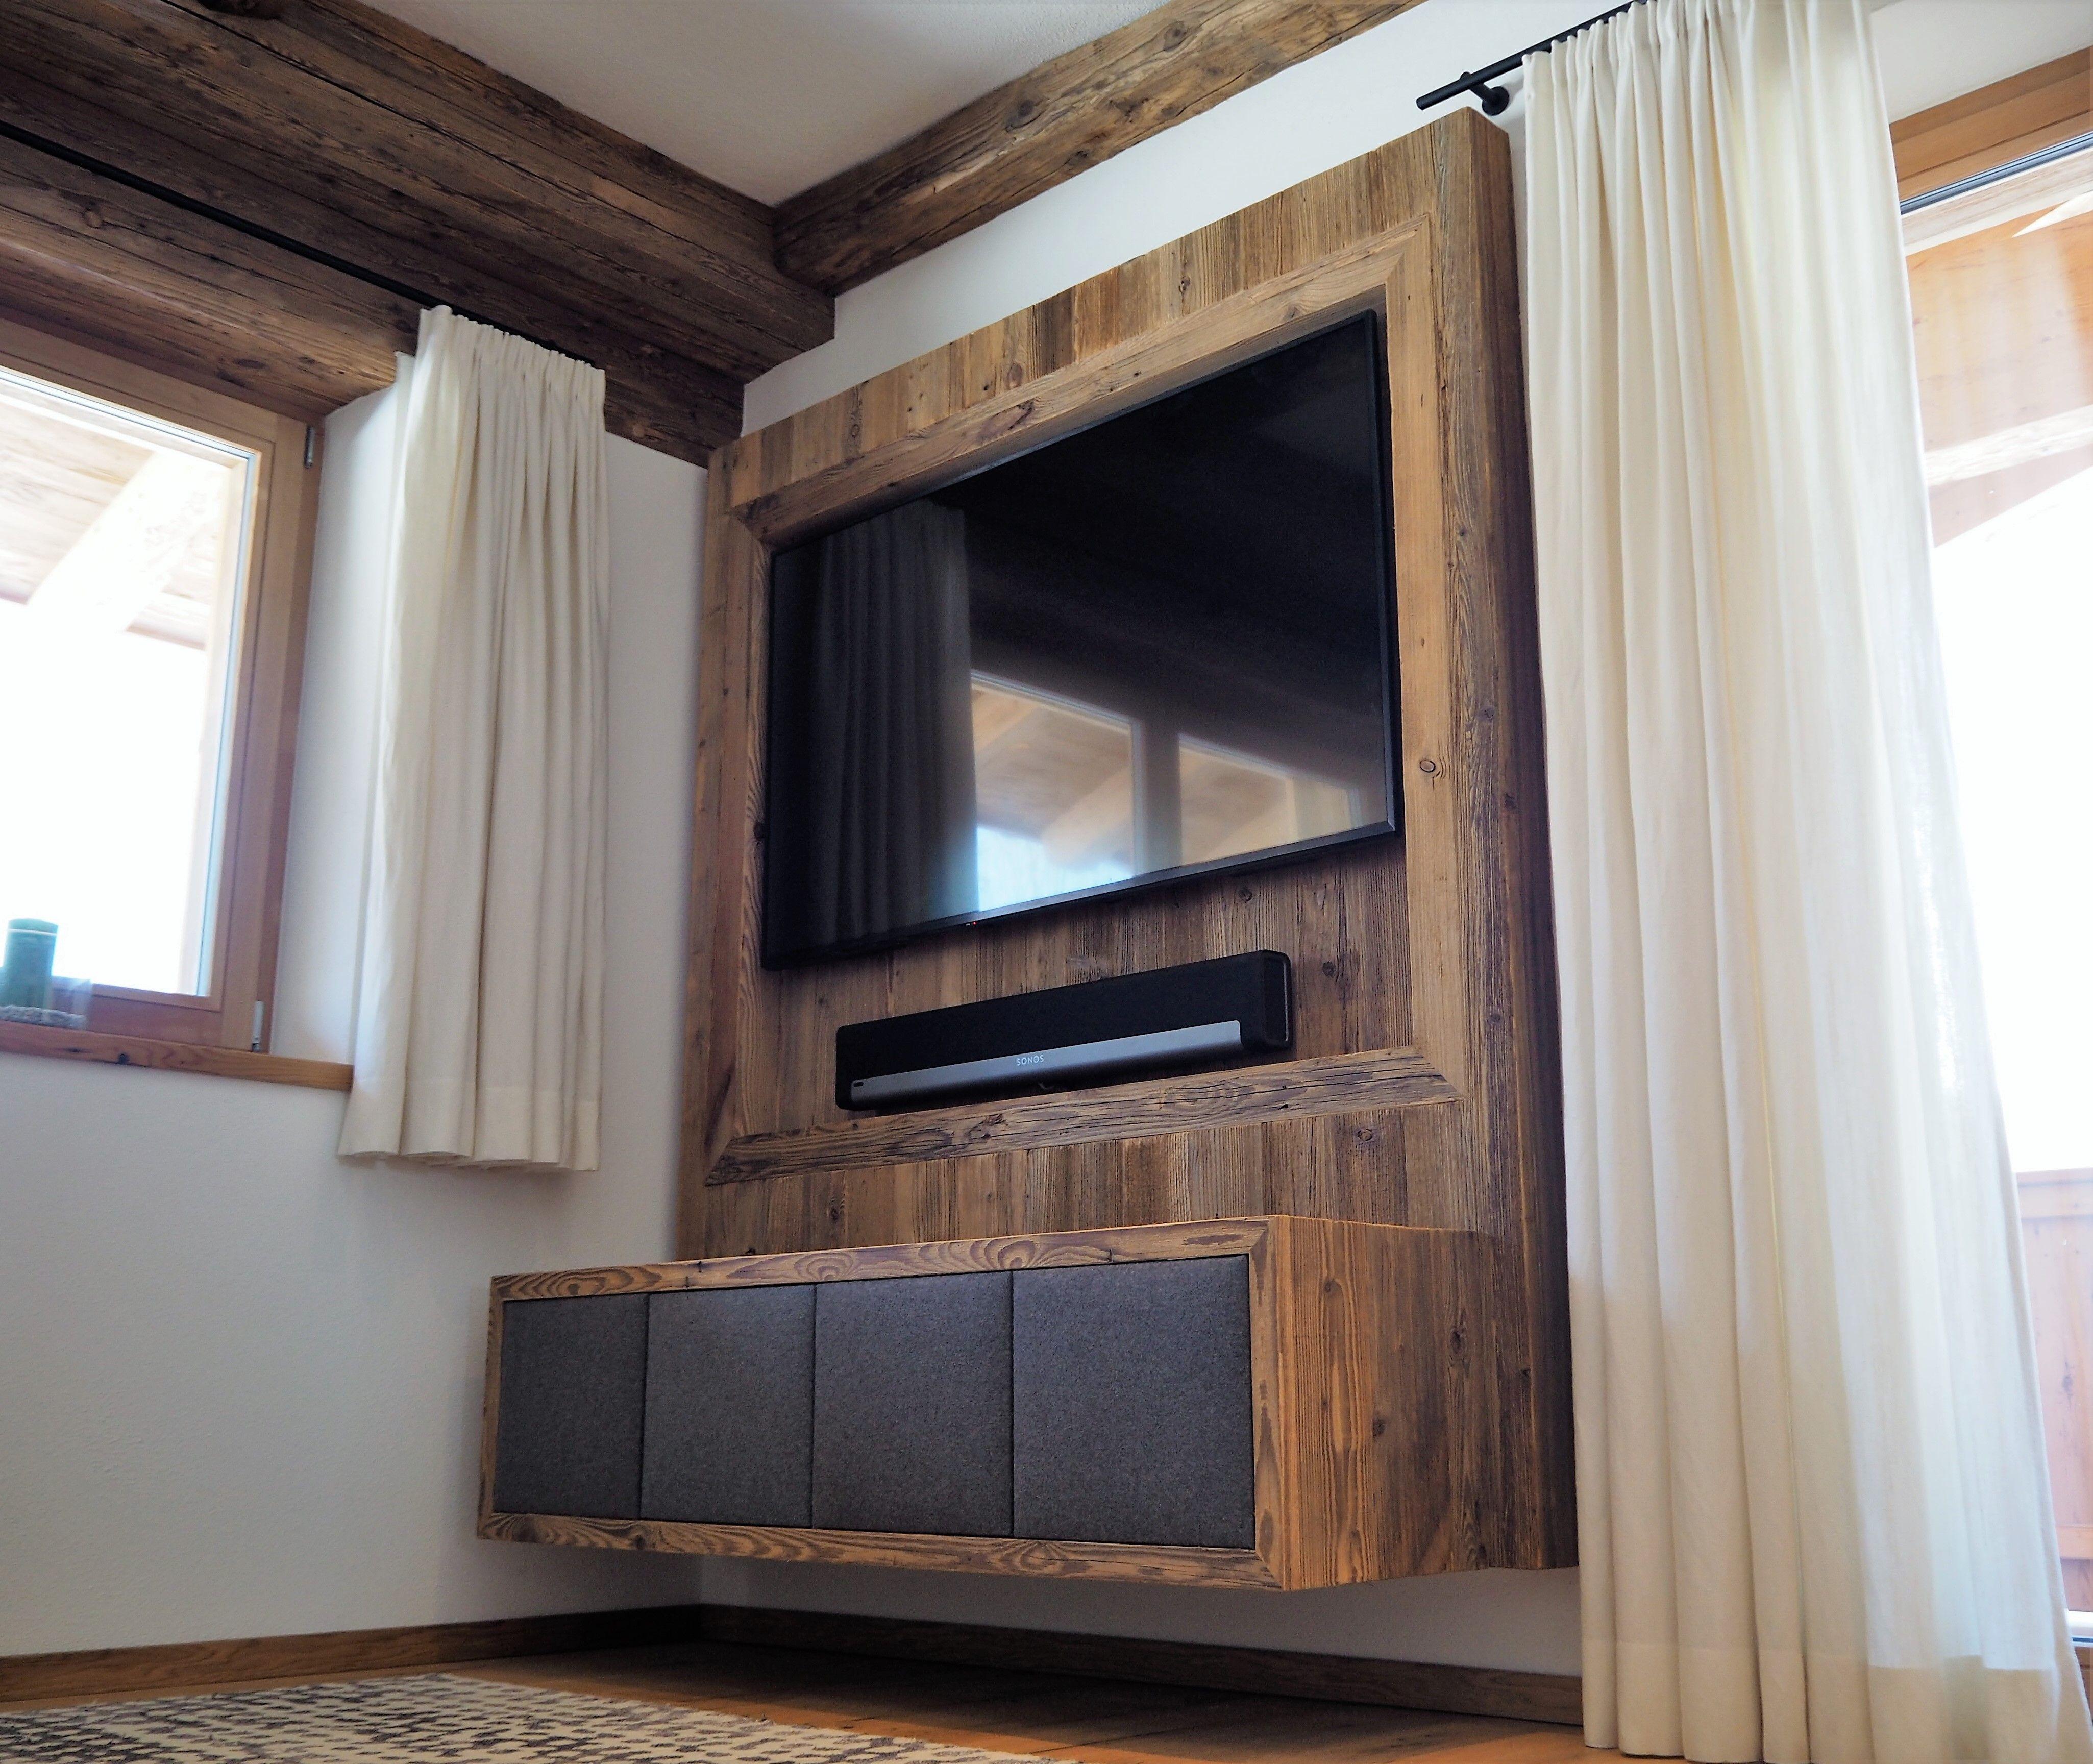 Altholz Verbau Wohnzimmer Mit Tv Kasten Und Stofffronten Holzkunst